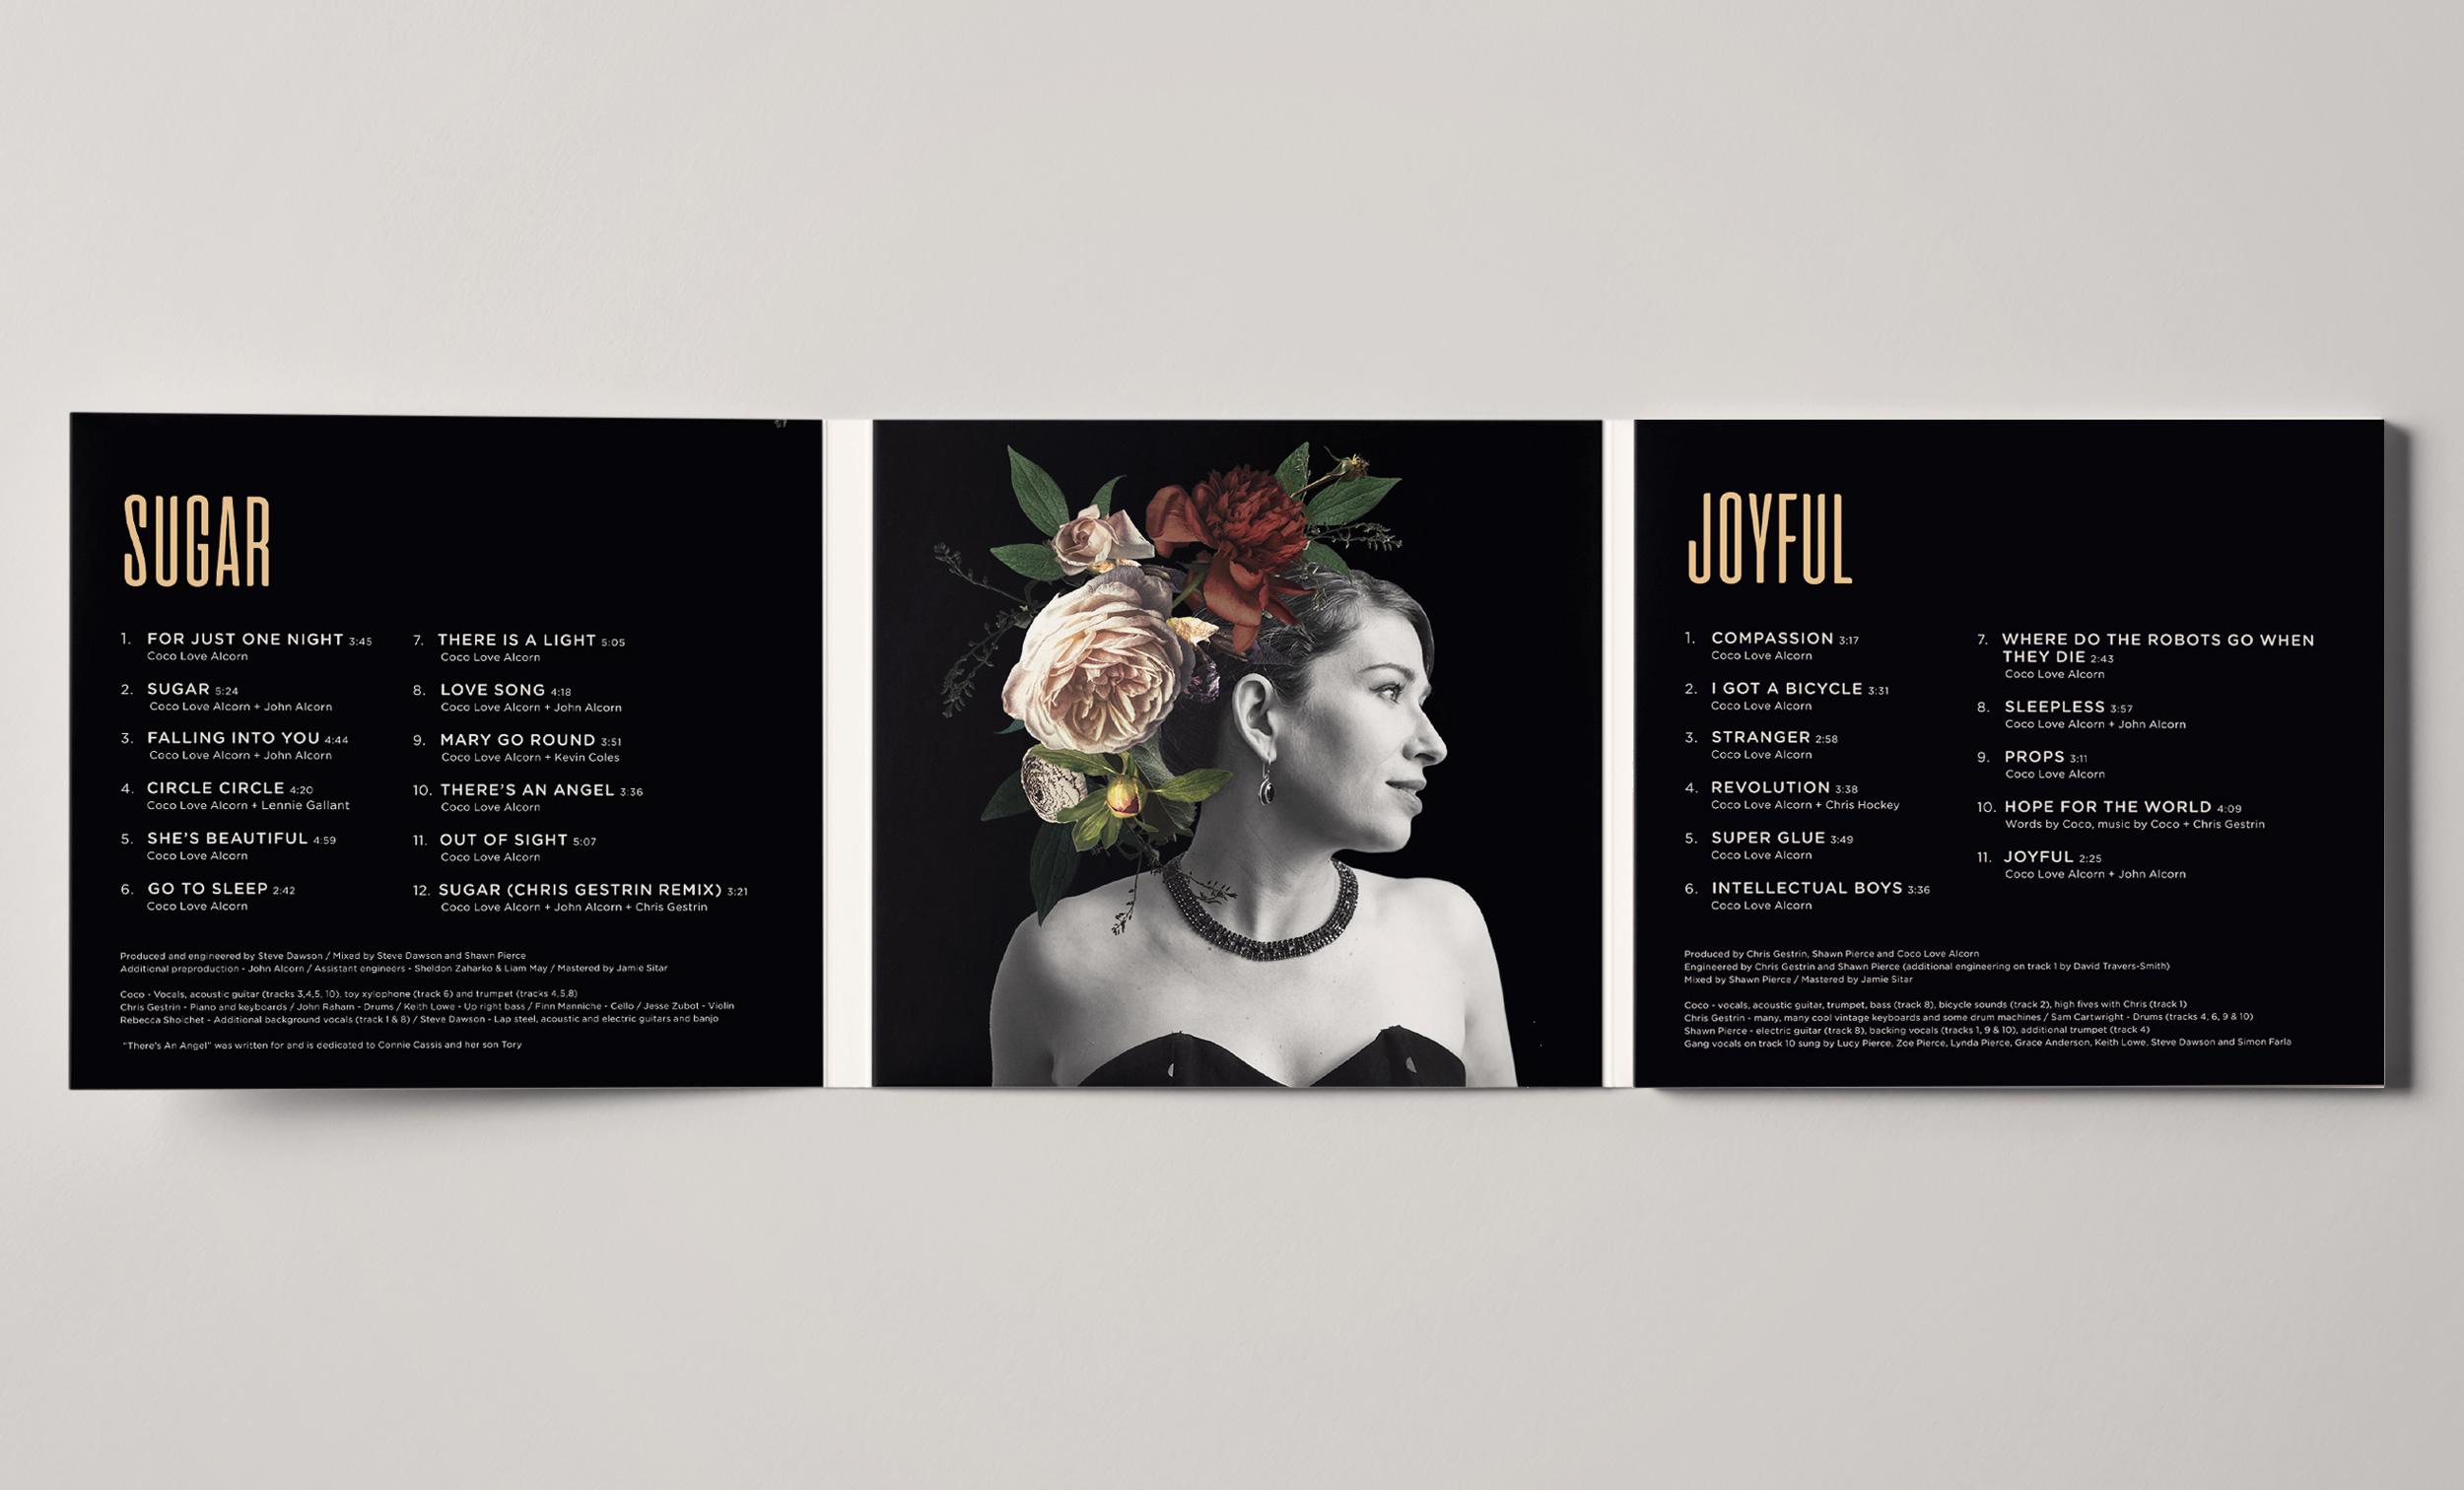 SugarJoyful-AlbumInterior.jpg